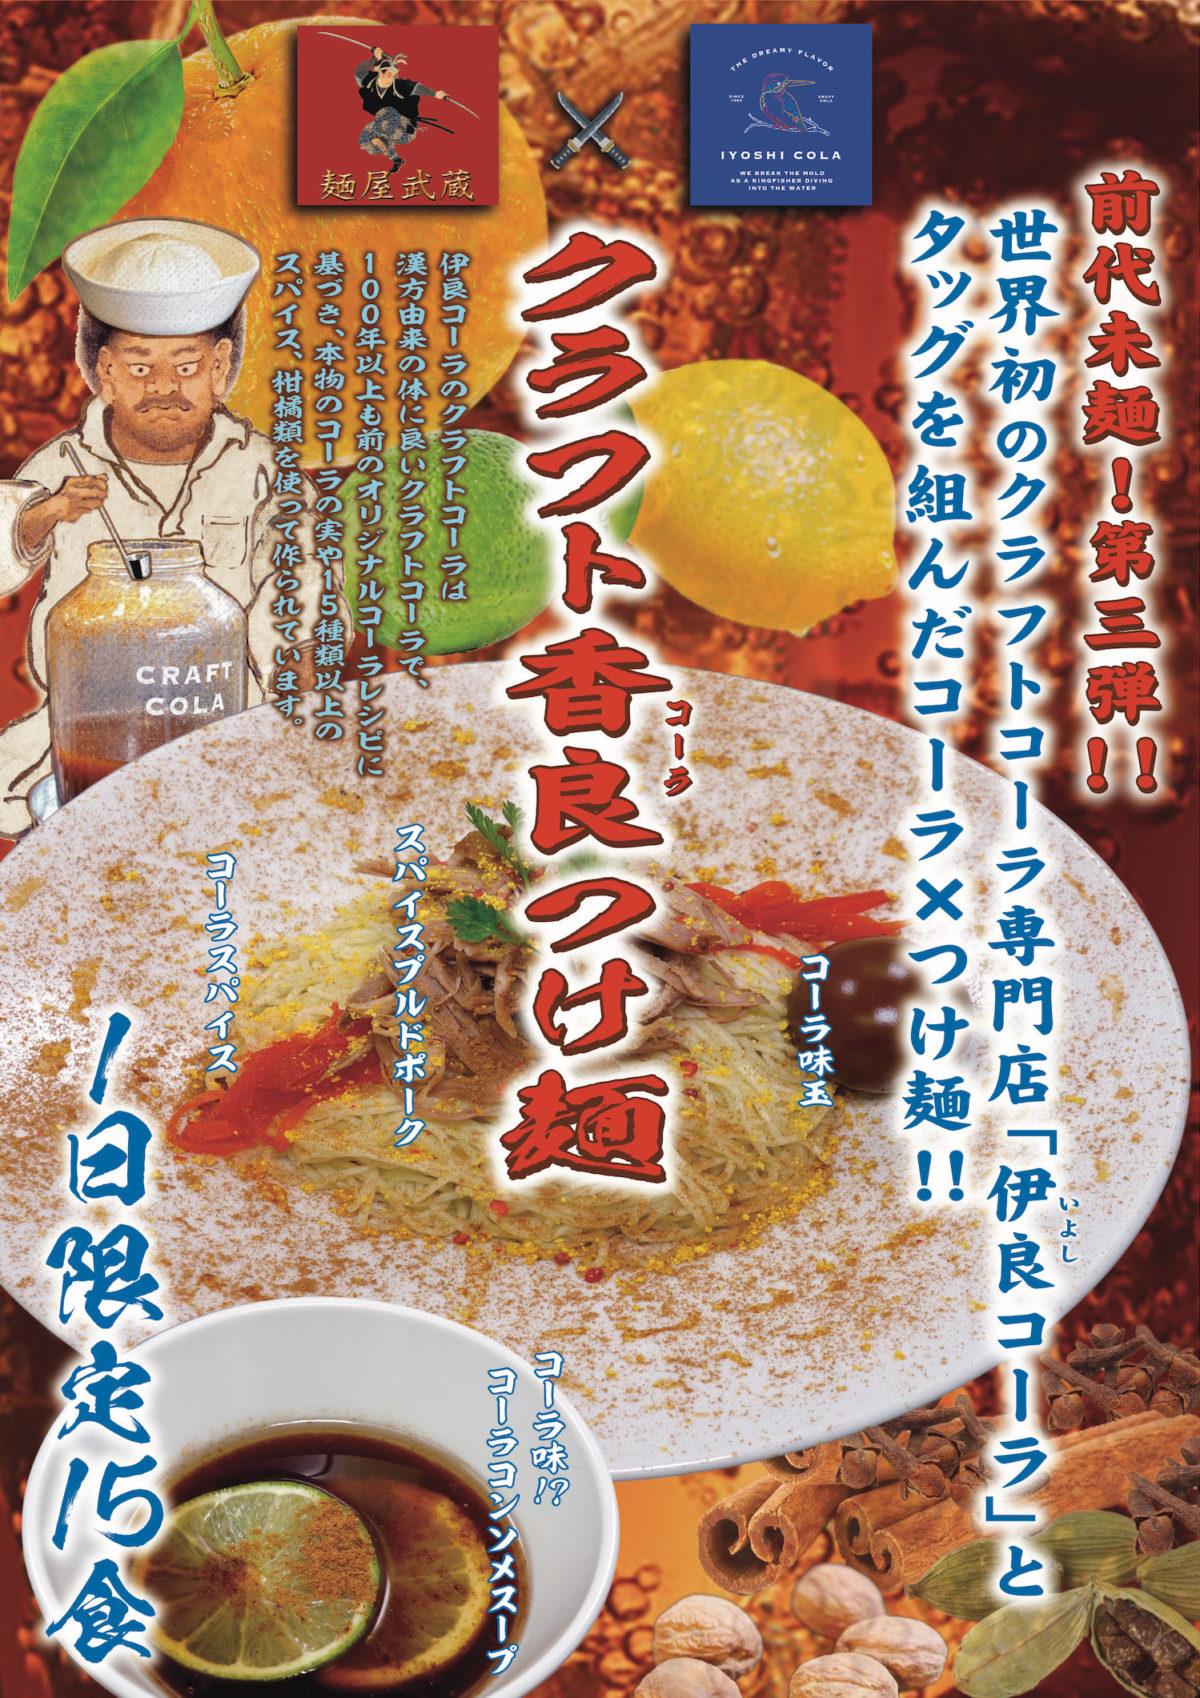 「麺屋武蔵」とコラボレーション。「クラフト香良(コーラ) つけ麺」が限定発売。 | 伊良コーラ IYOSHI COLA | クラフトコーラ専門店